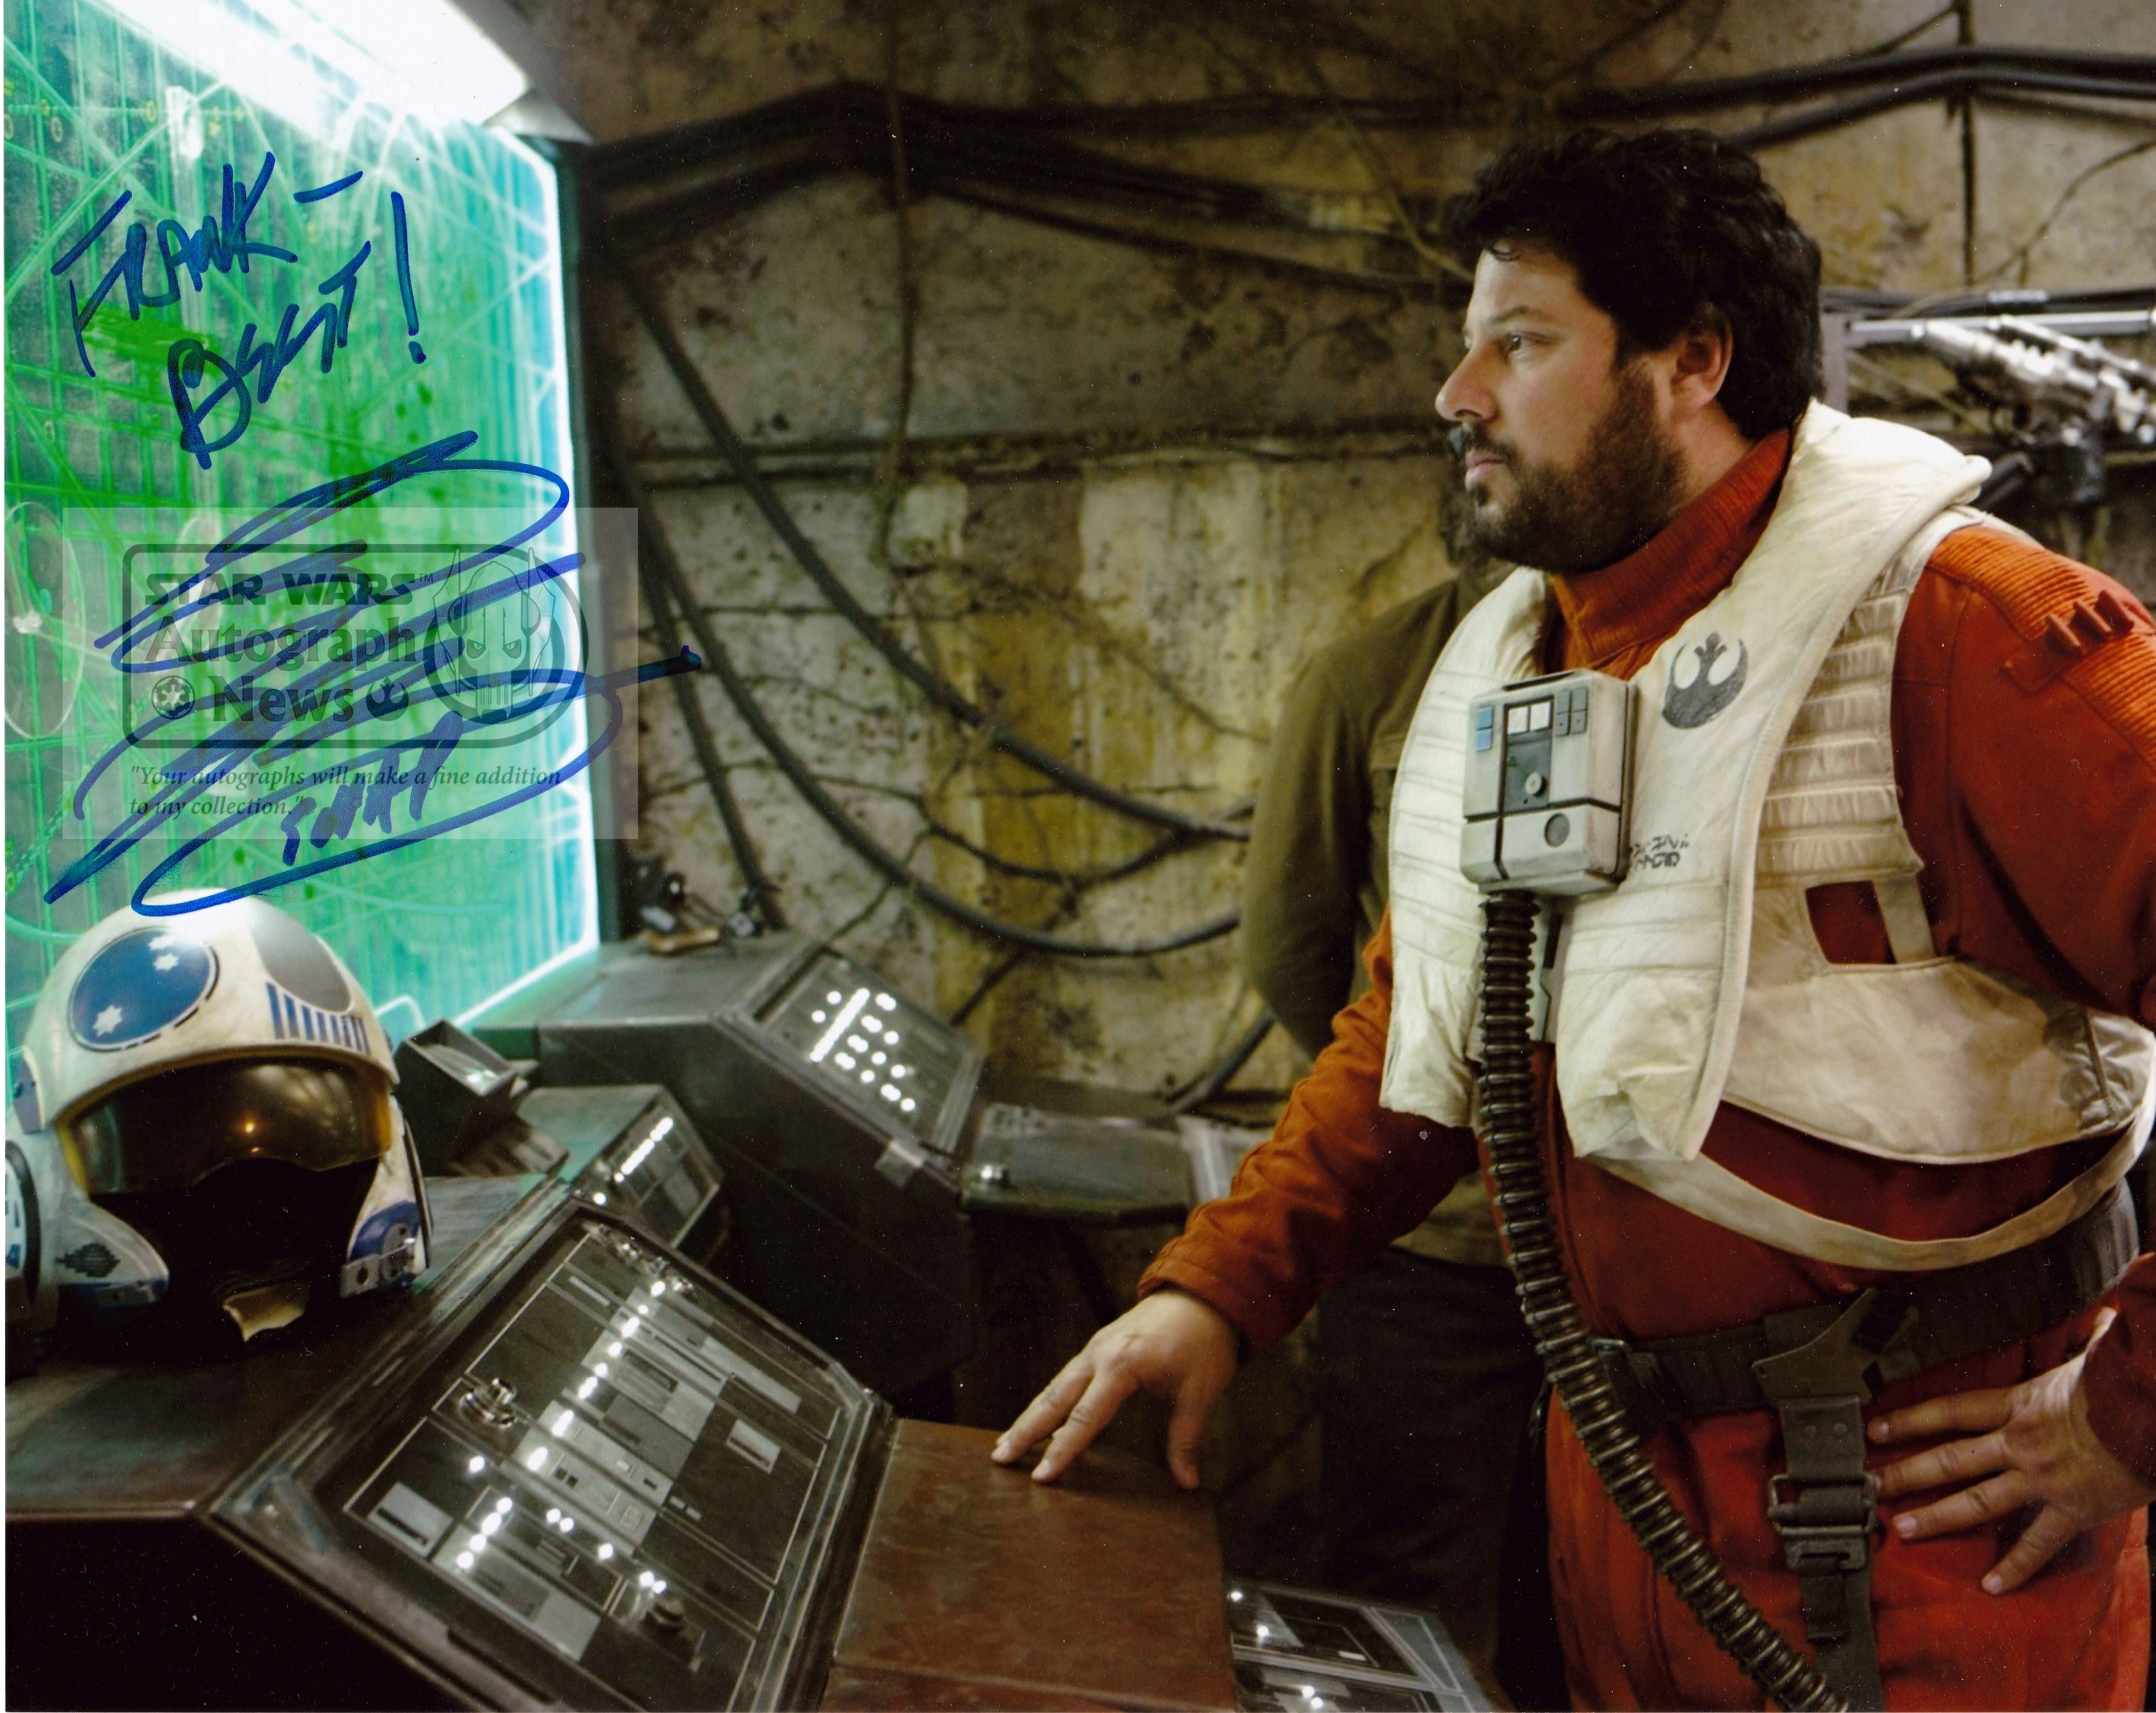 GREG GRUNBERG - Star Wars Autograph News